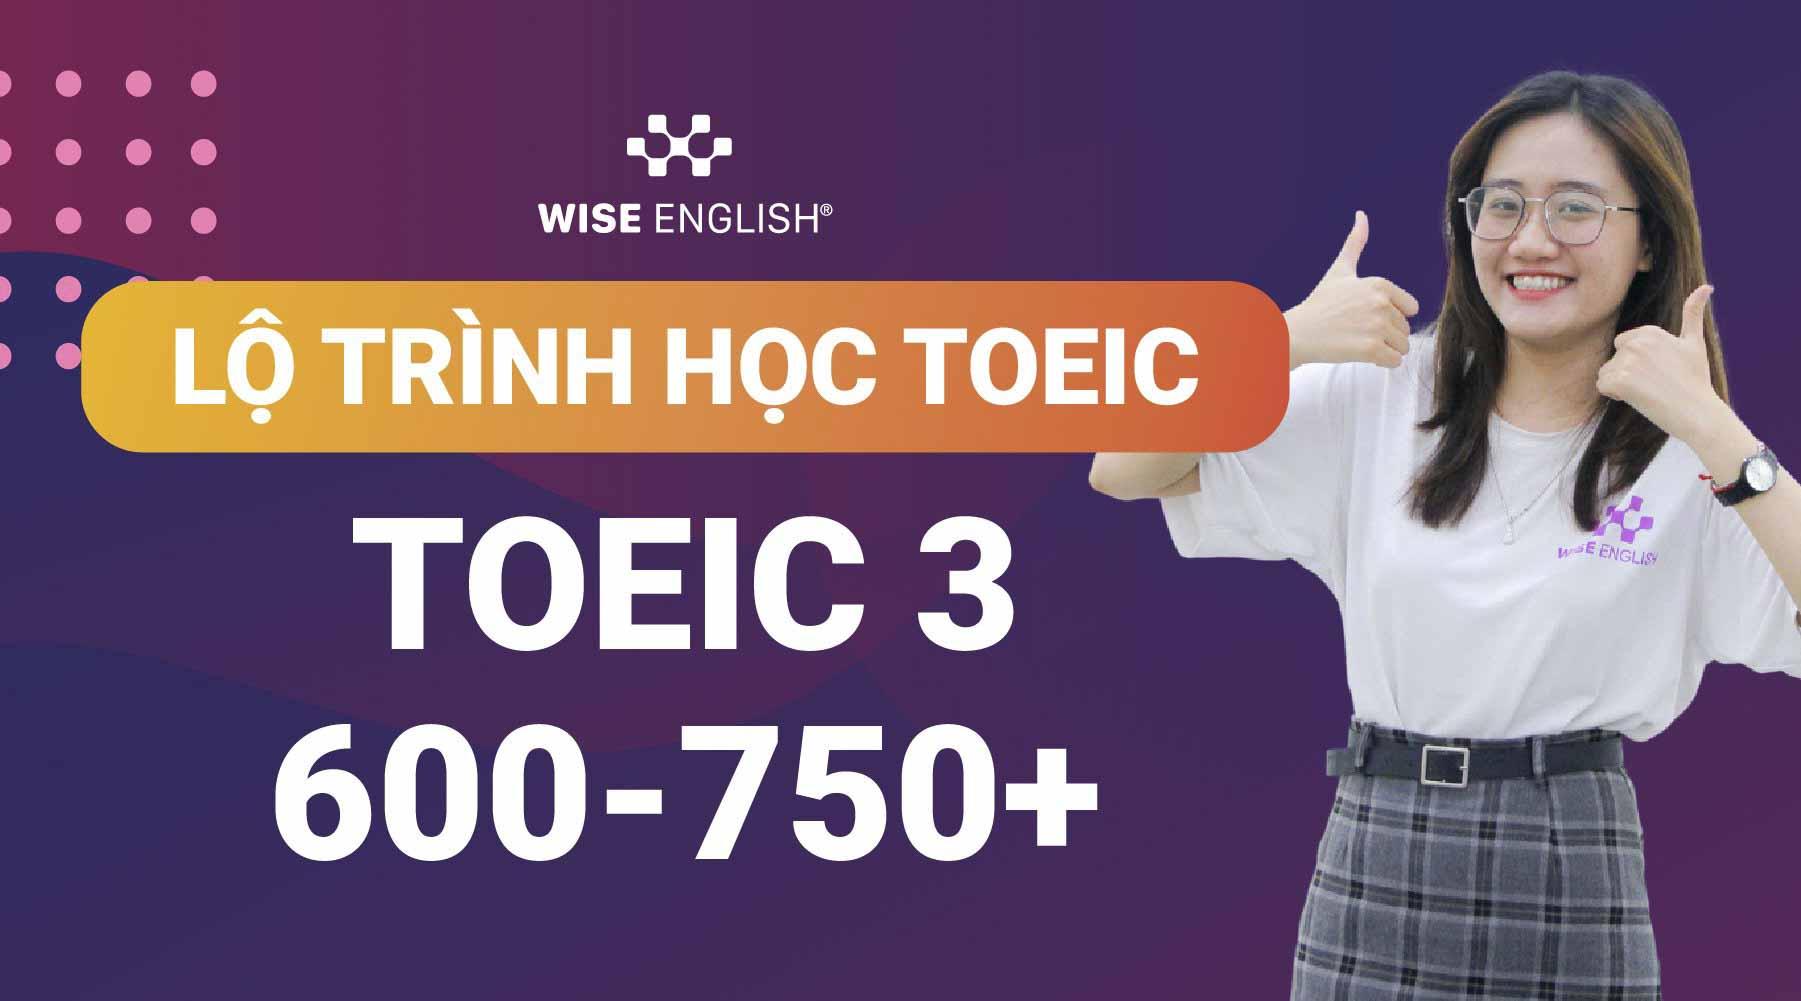 lộ trình học TOEIC 3 tại WISE